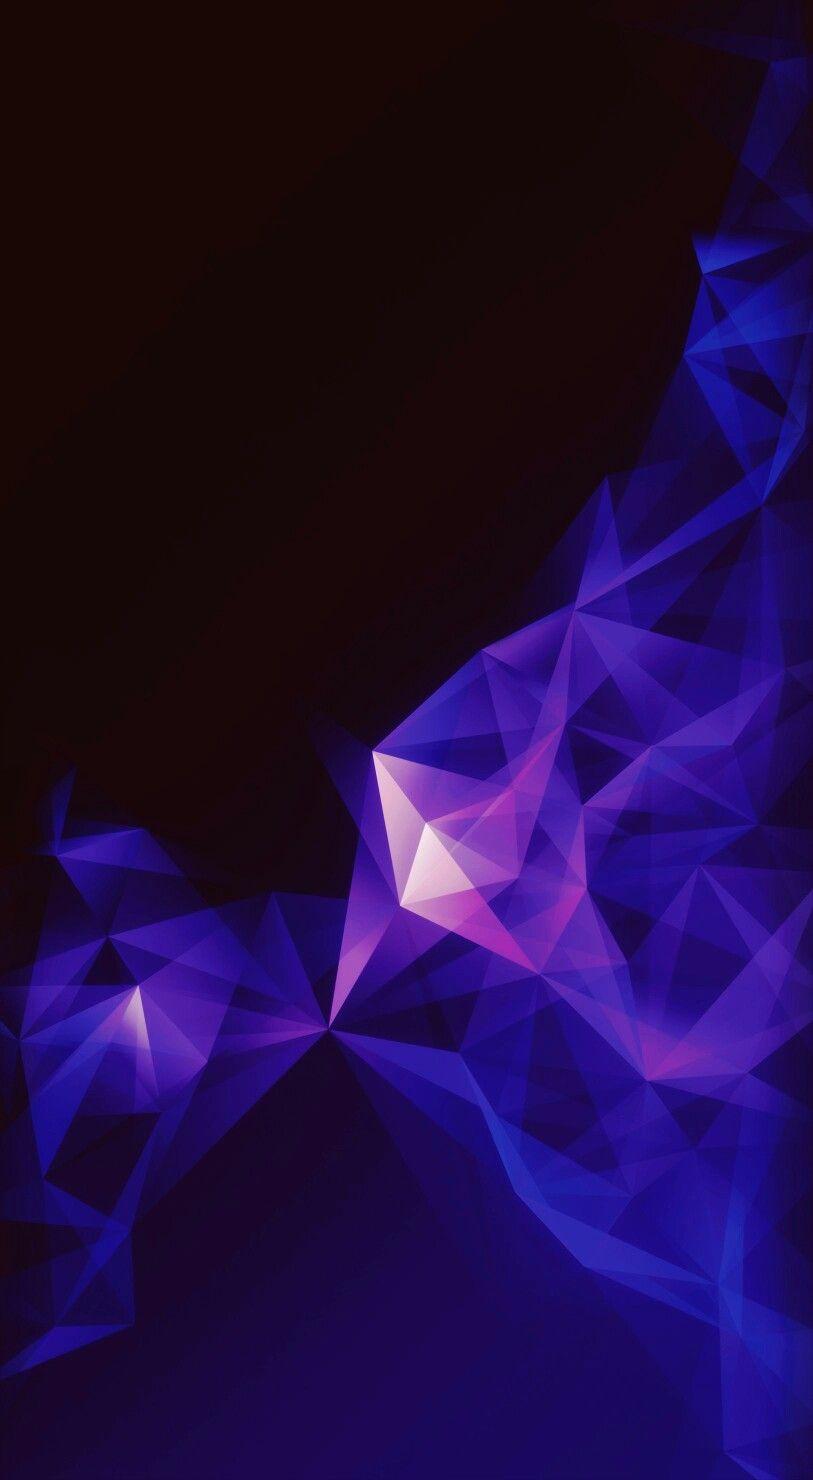 Gambar Abstract Amoled Liquid Gradient Oleh Iyan Sofyan